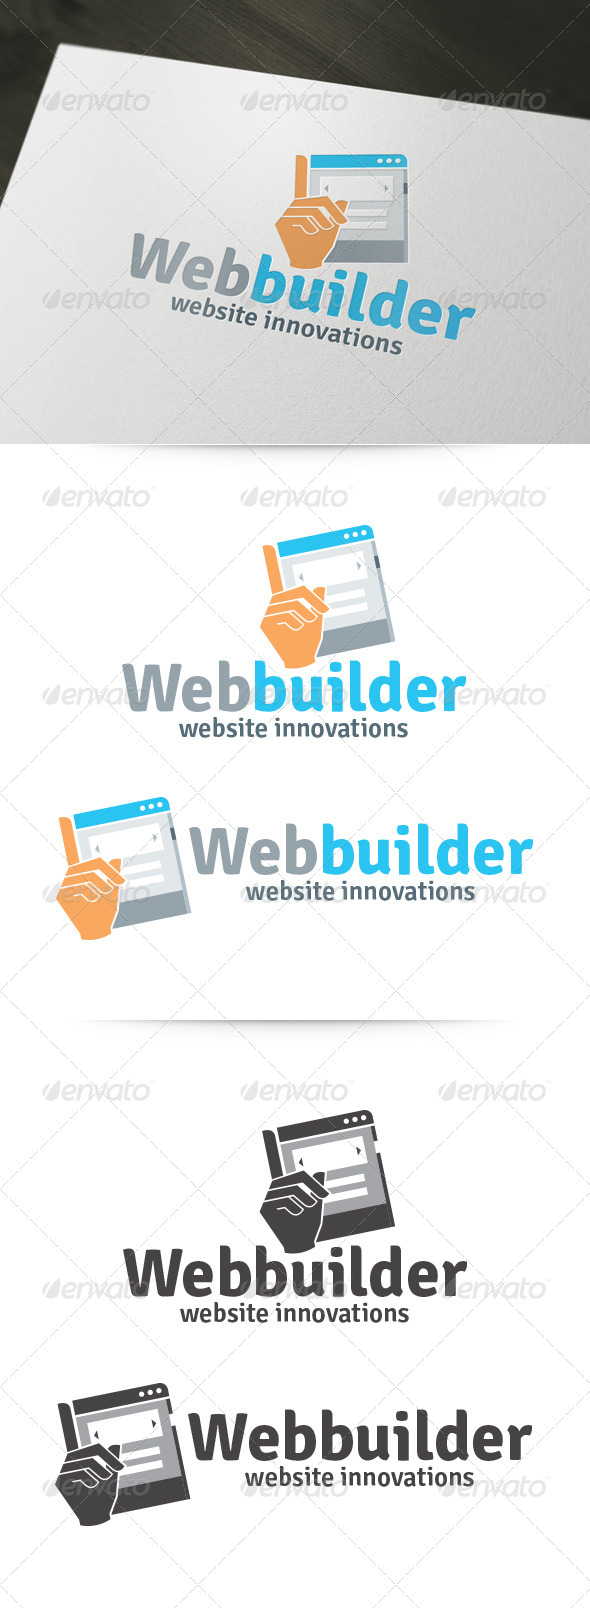 logo template graphicriver web builder logo 6156701. Black Bedroom Furniture Sets. Home Design Ideas